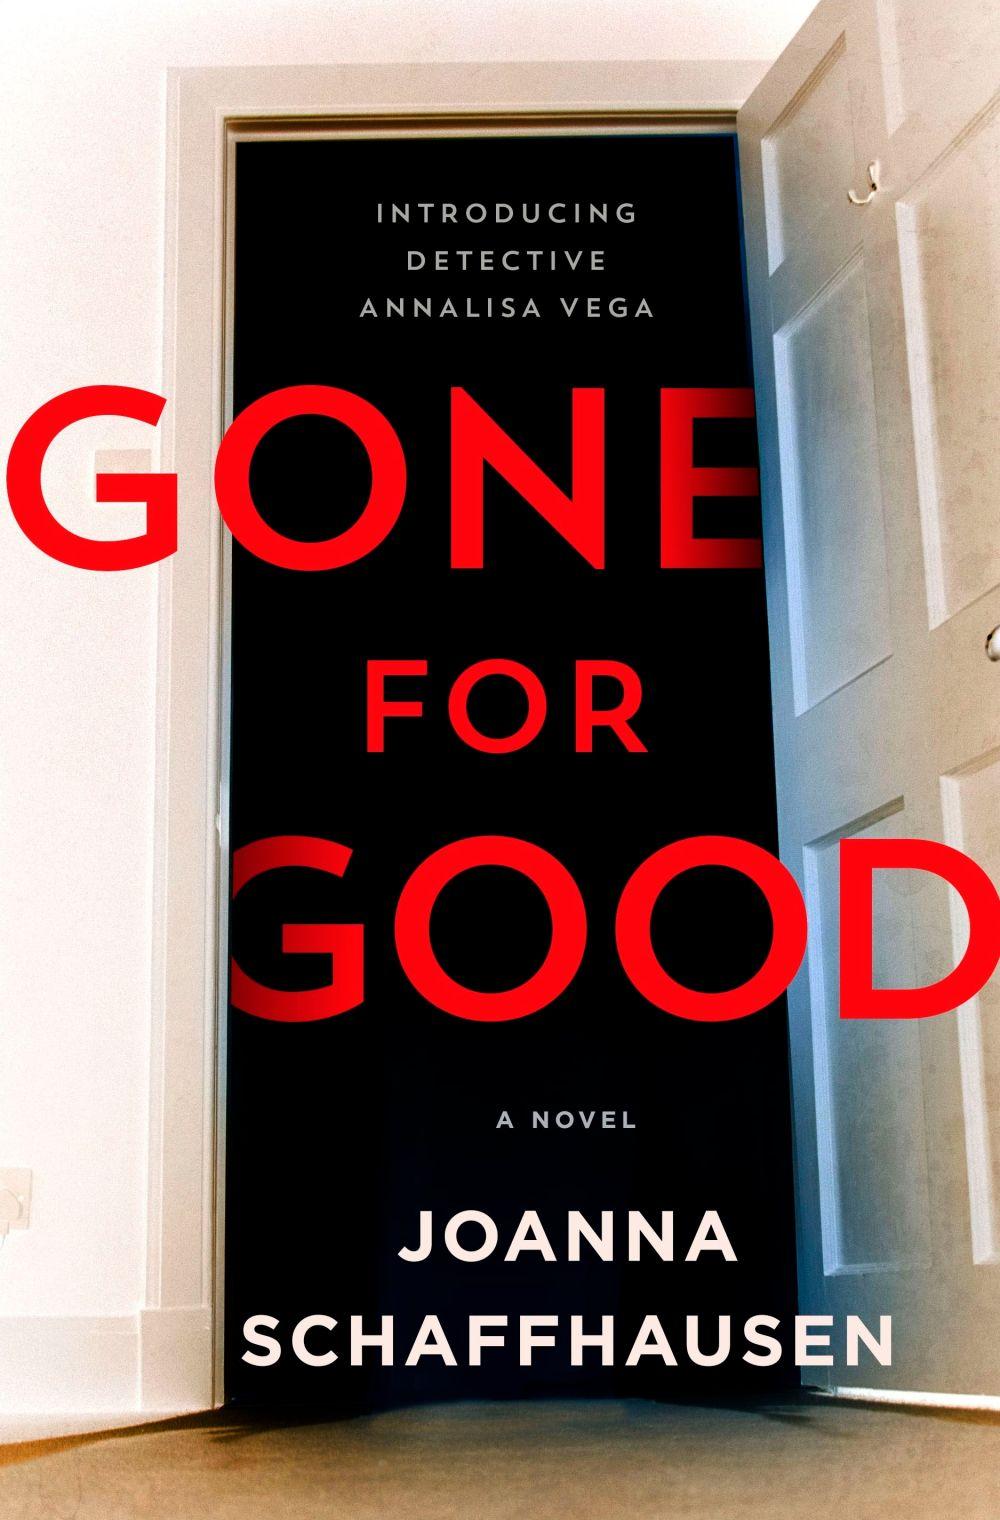 Gone for Good by Joanna Schaffhausen